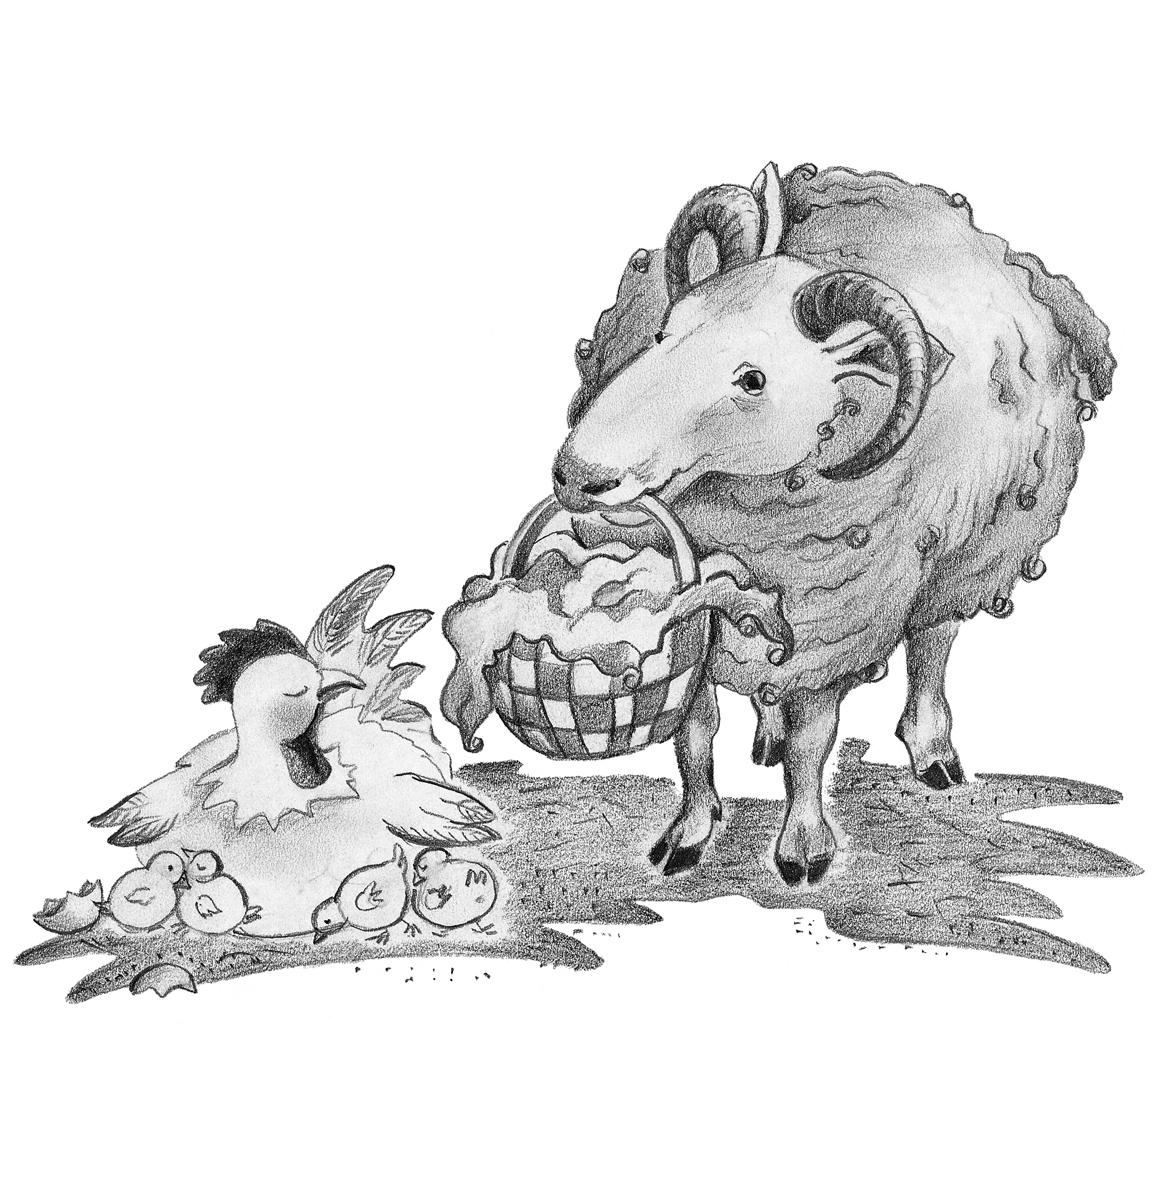 Monsieur le Mouton